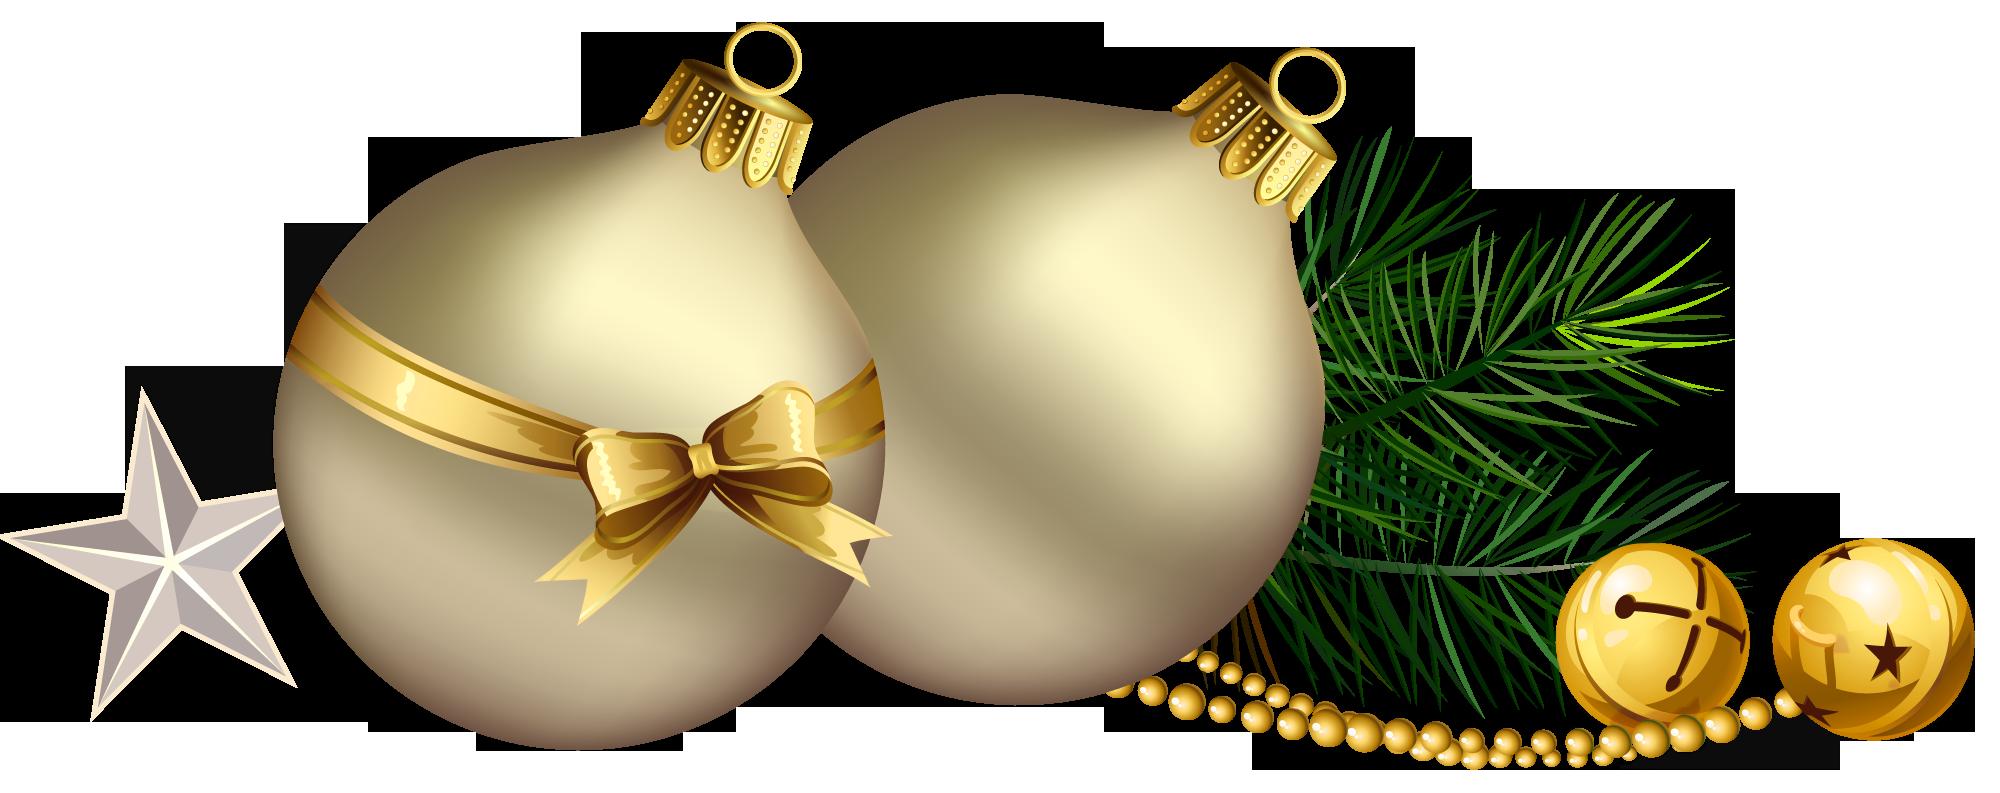 Christmas Clipart Golden Balls Buscar Con Google Christmas Christmas Star Free Christmas Backgrounds